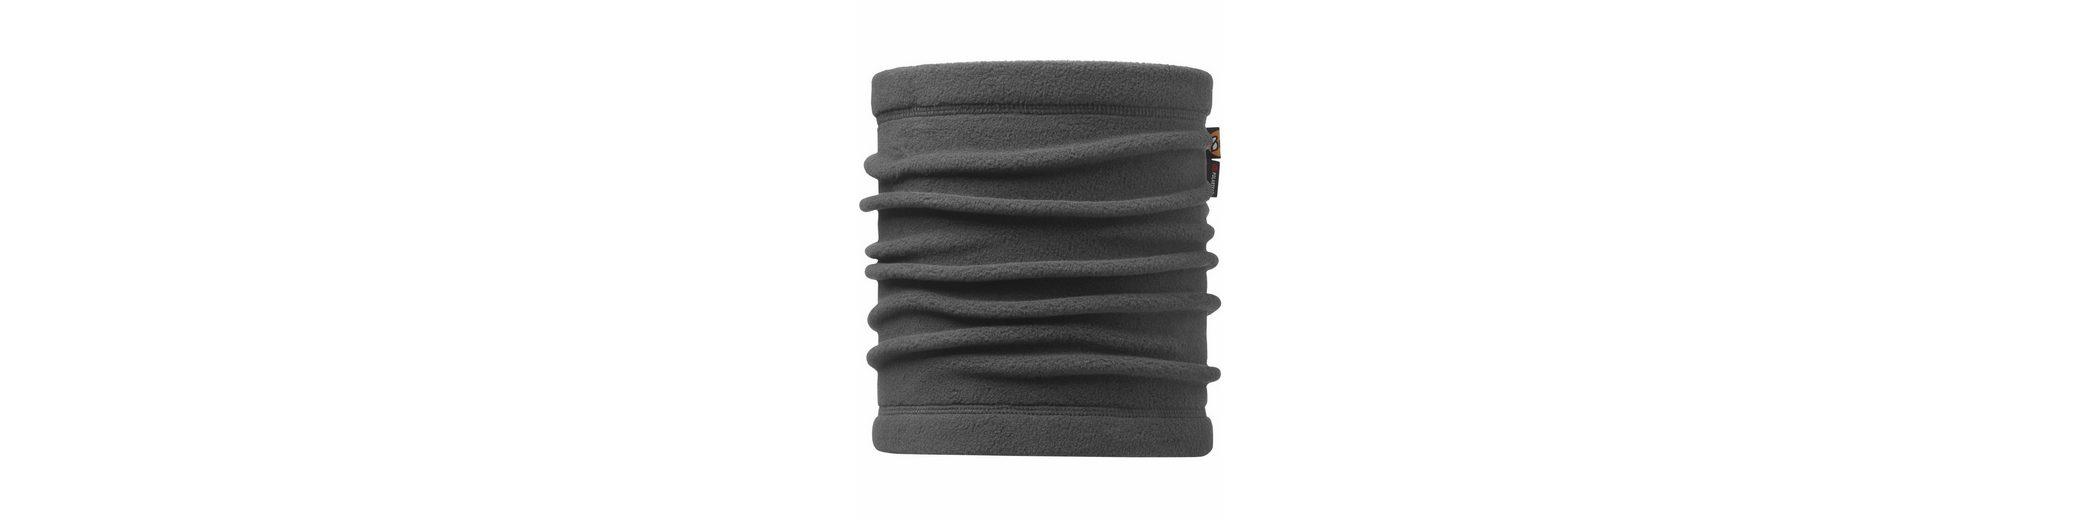 Buff Loop »Polar Neckwarmer Buff®« Hals- oder Kopftuch